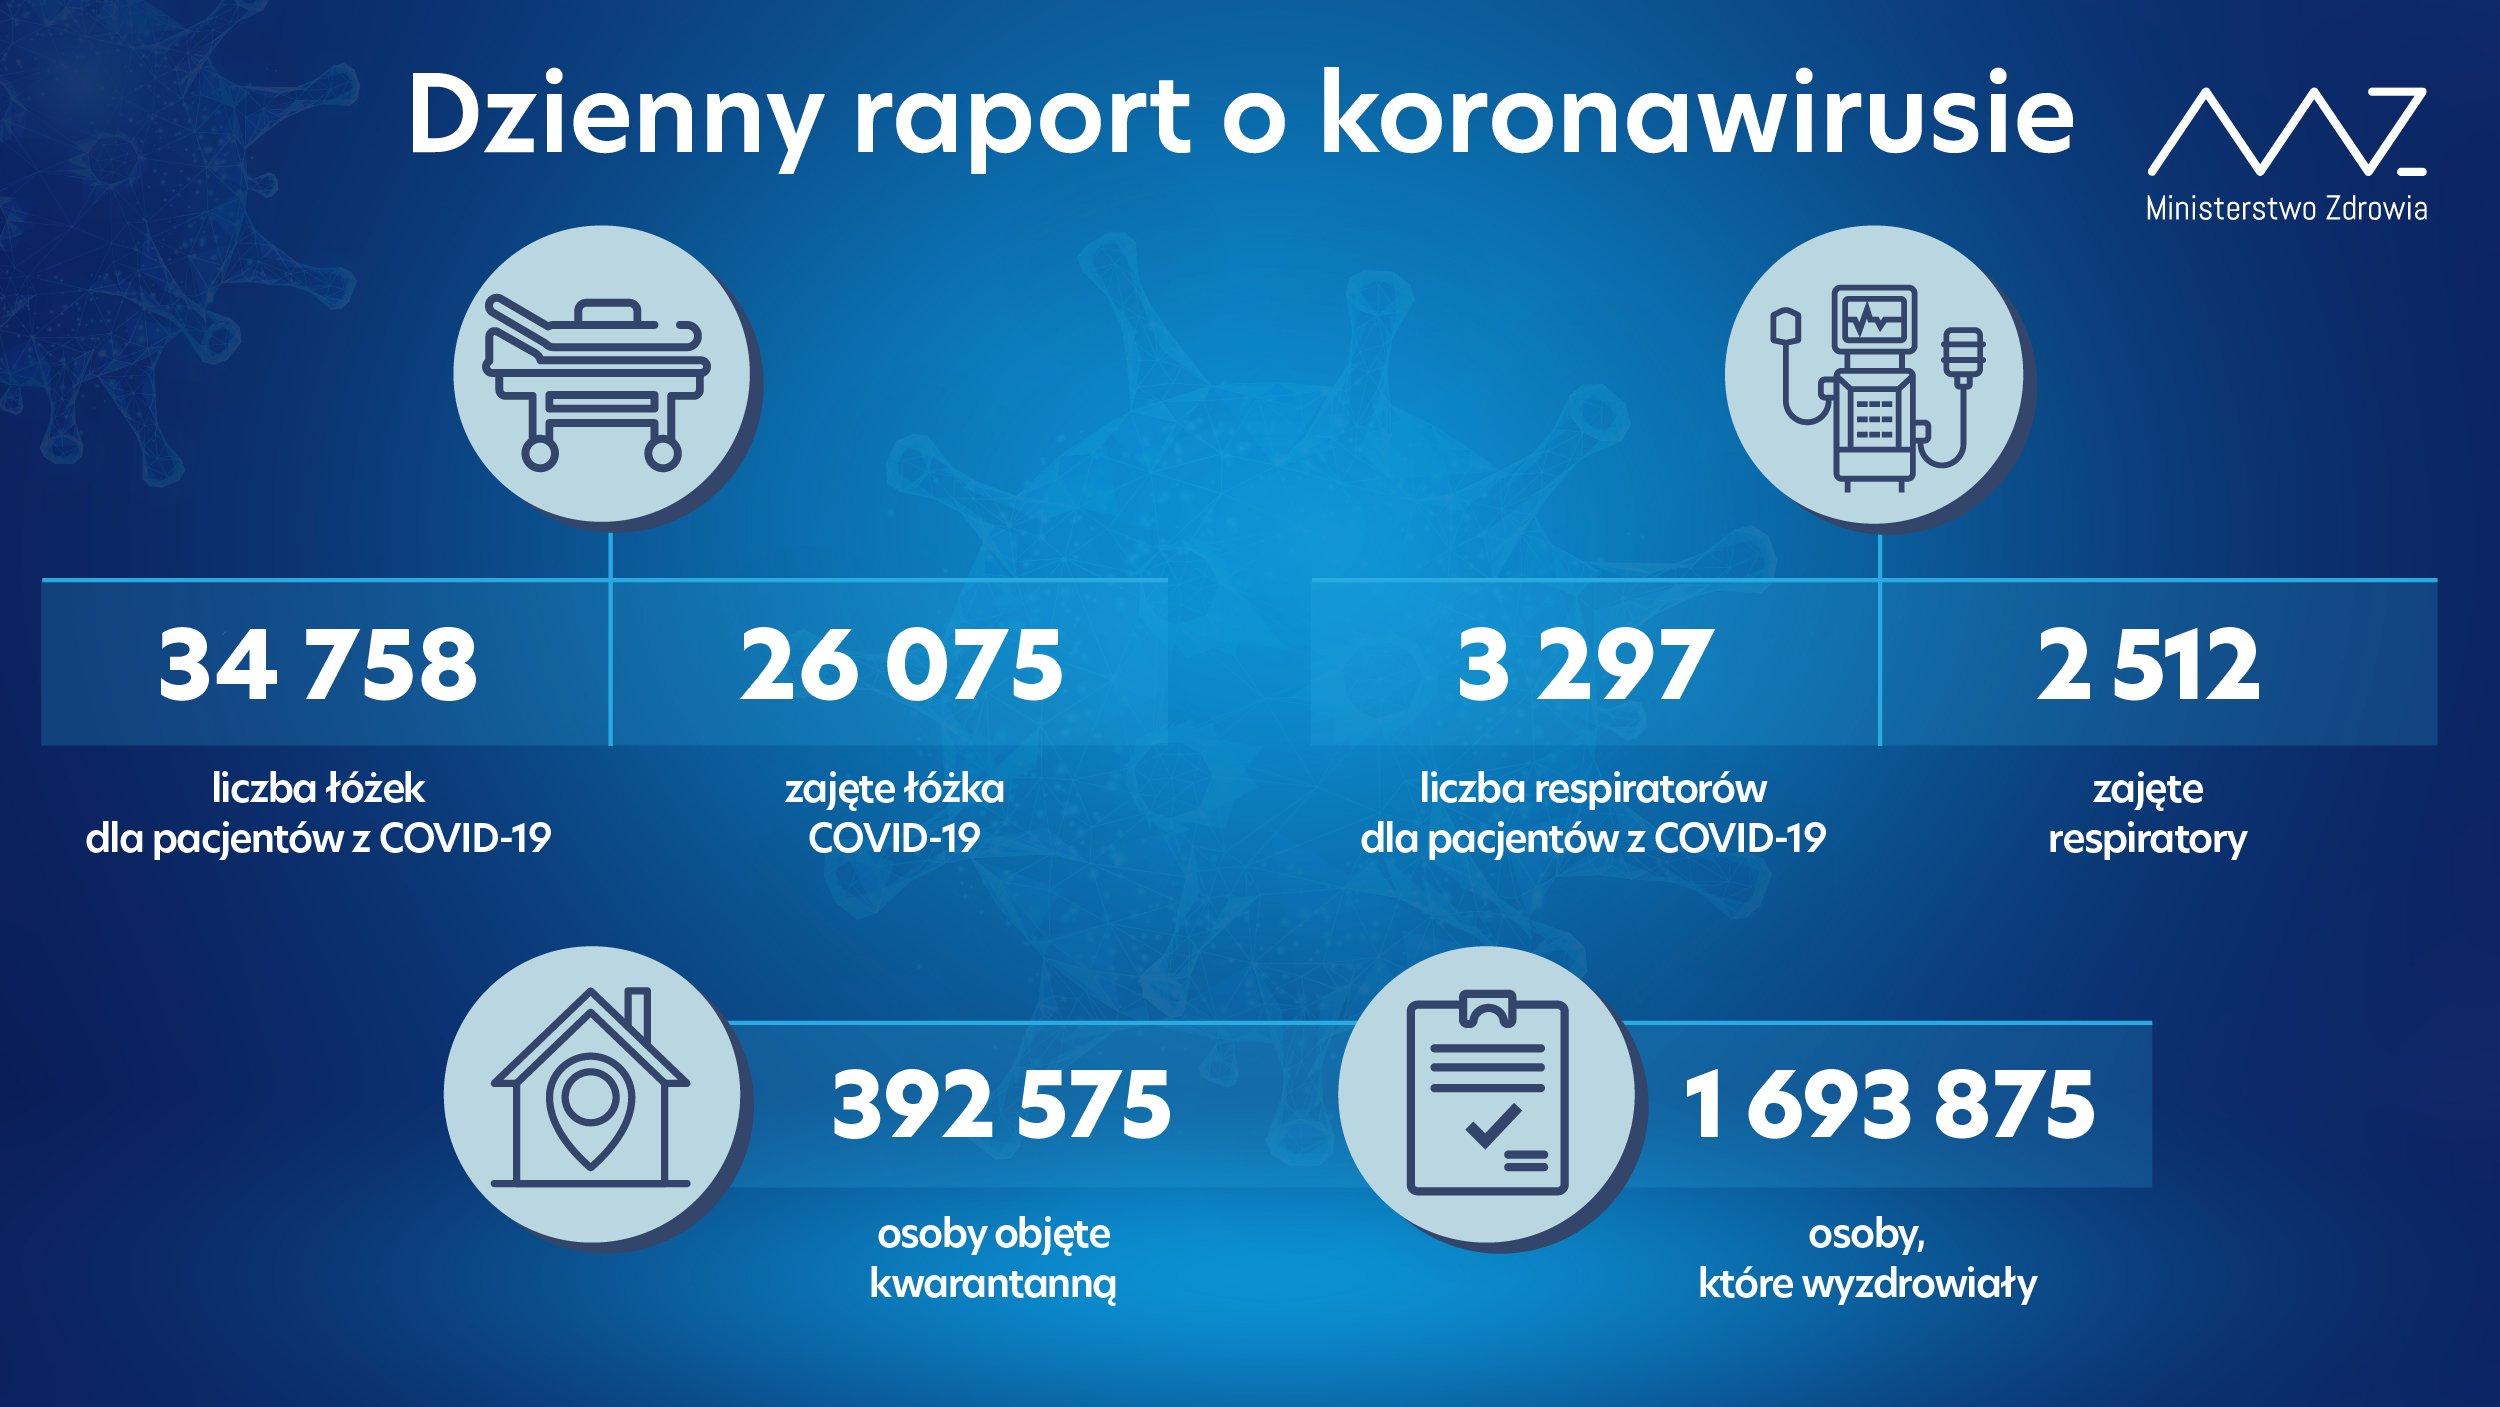 - liczba łóżek dla pacjentów z COVID-19: 34 758 - liczba łóżek zajętych: 26 075 - liczba respiratorów dla pacjentów z COVID-19: 3 297 - liczba zajętych respiratorów: 2 512 - liczba osób objętych kwarantanną: 392 575 - liczba osób, które wyzdrowiały: 1 693 875